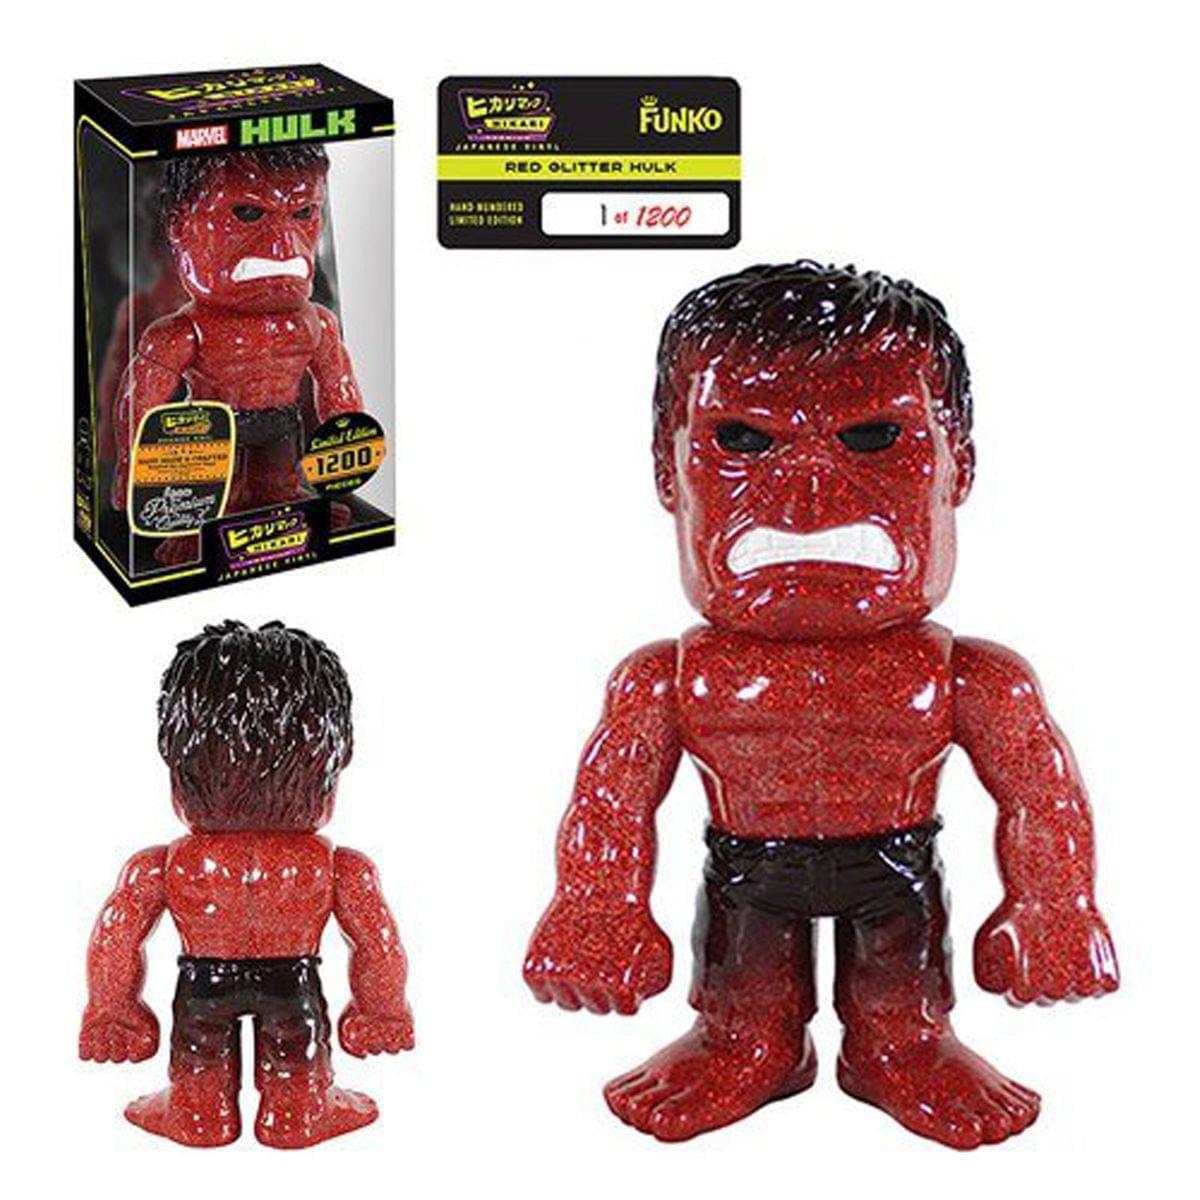 Marvel Funko Hikari Vinyl Figure Glitter Fire Hulk - image 1 of 1